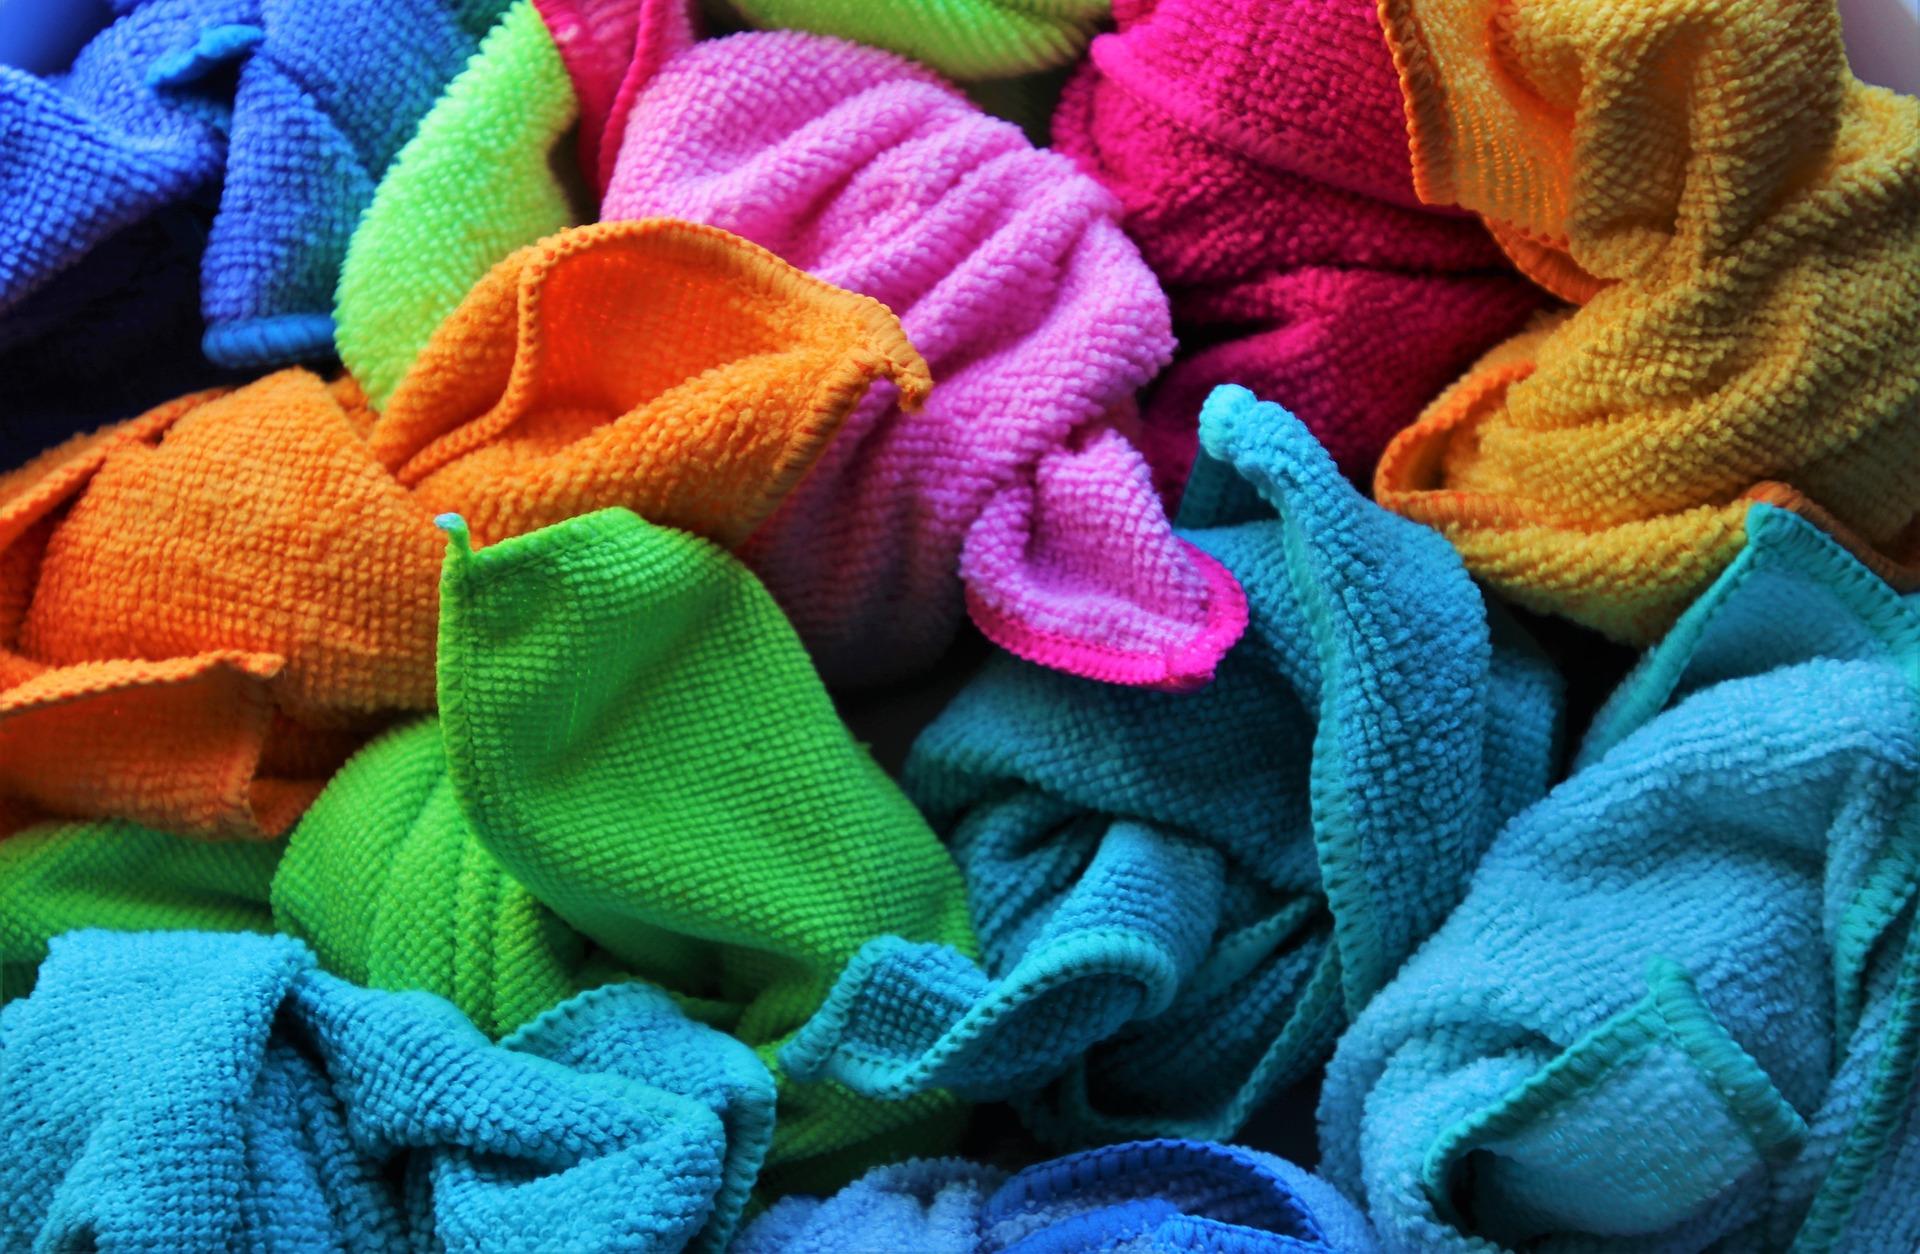 Zerknüllte bunte Mikrofaserlappen in blau, grün, orange und pinktönen.